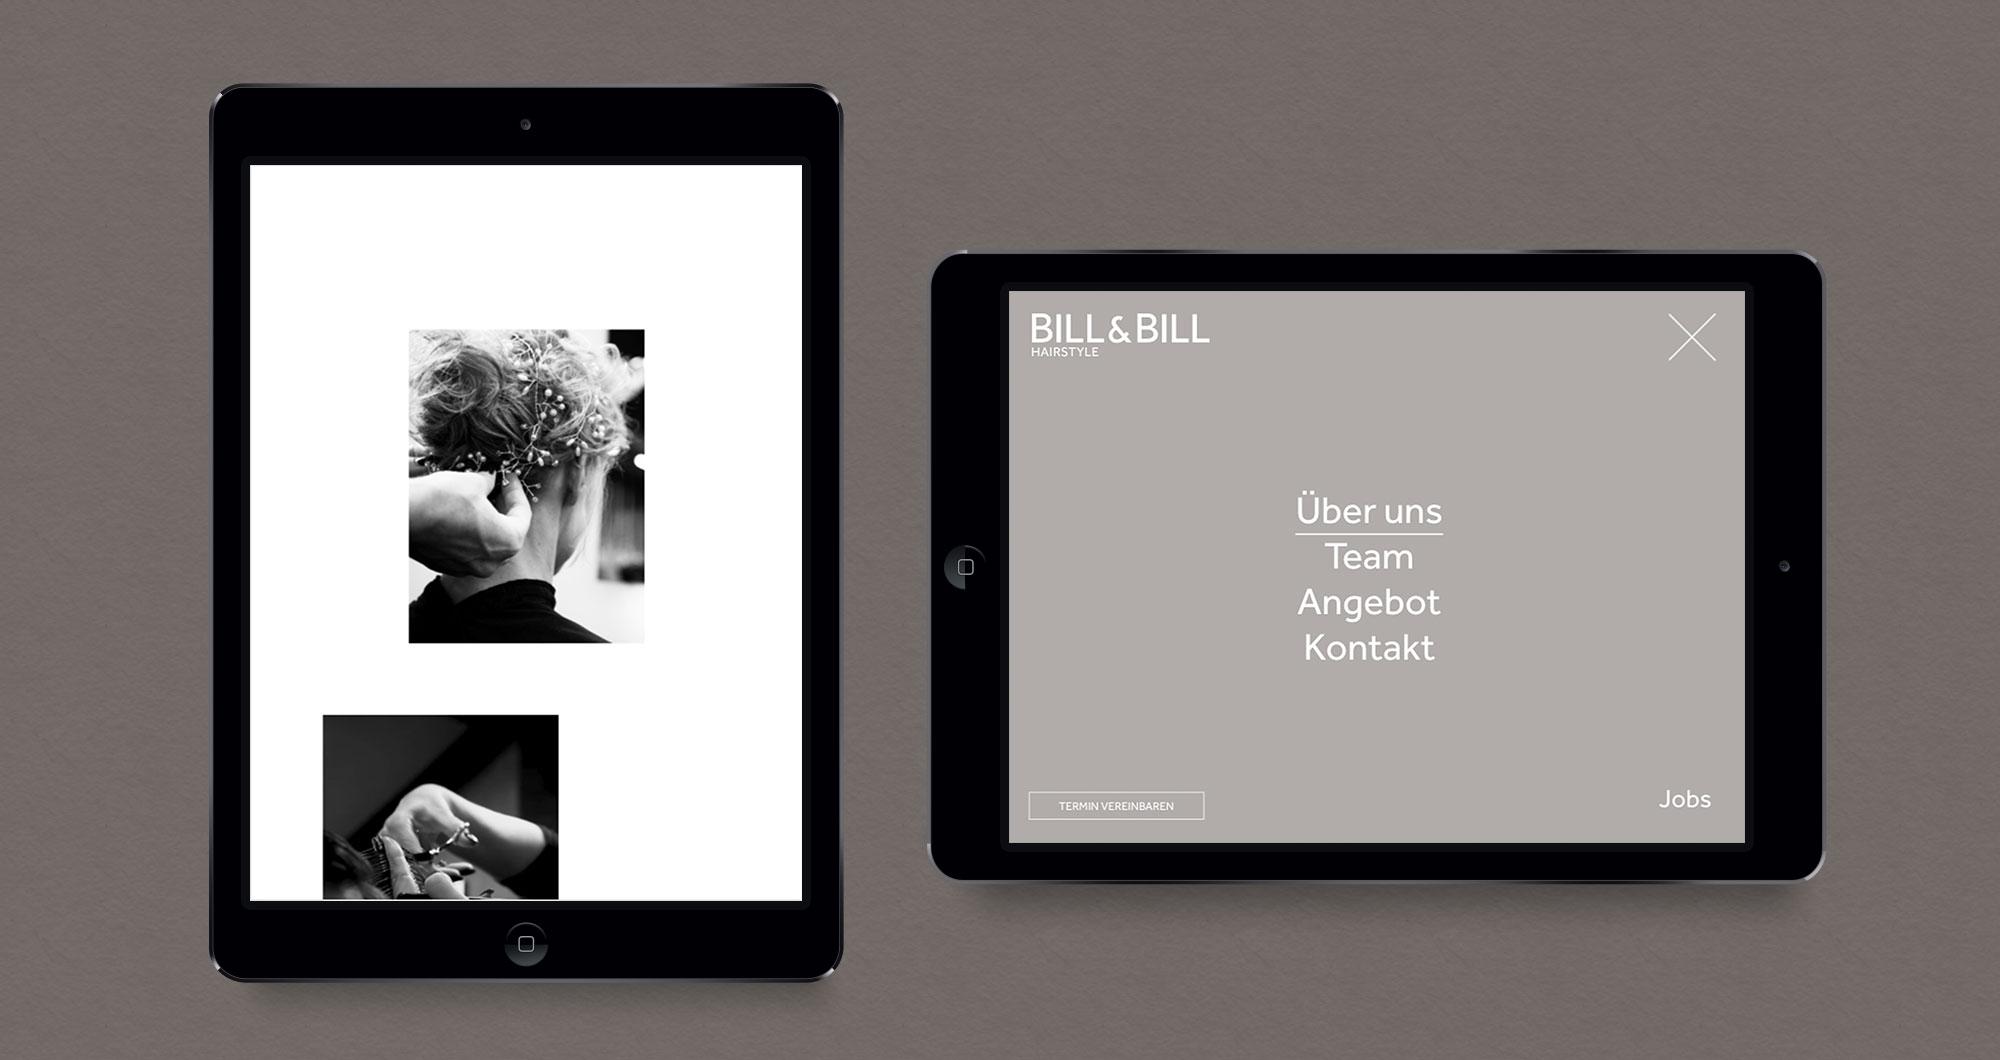 Hoch und Querversion der Website nach dem Rebranding auf dem Tablet. Links, im Hochformat: eine Bildergalerie. Rechts im Querformat die Navigation.